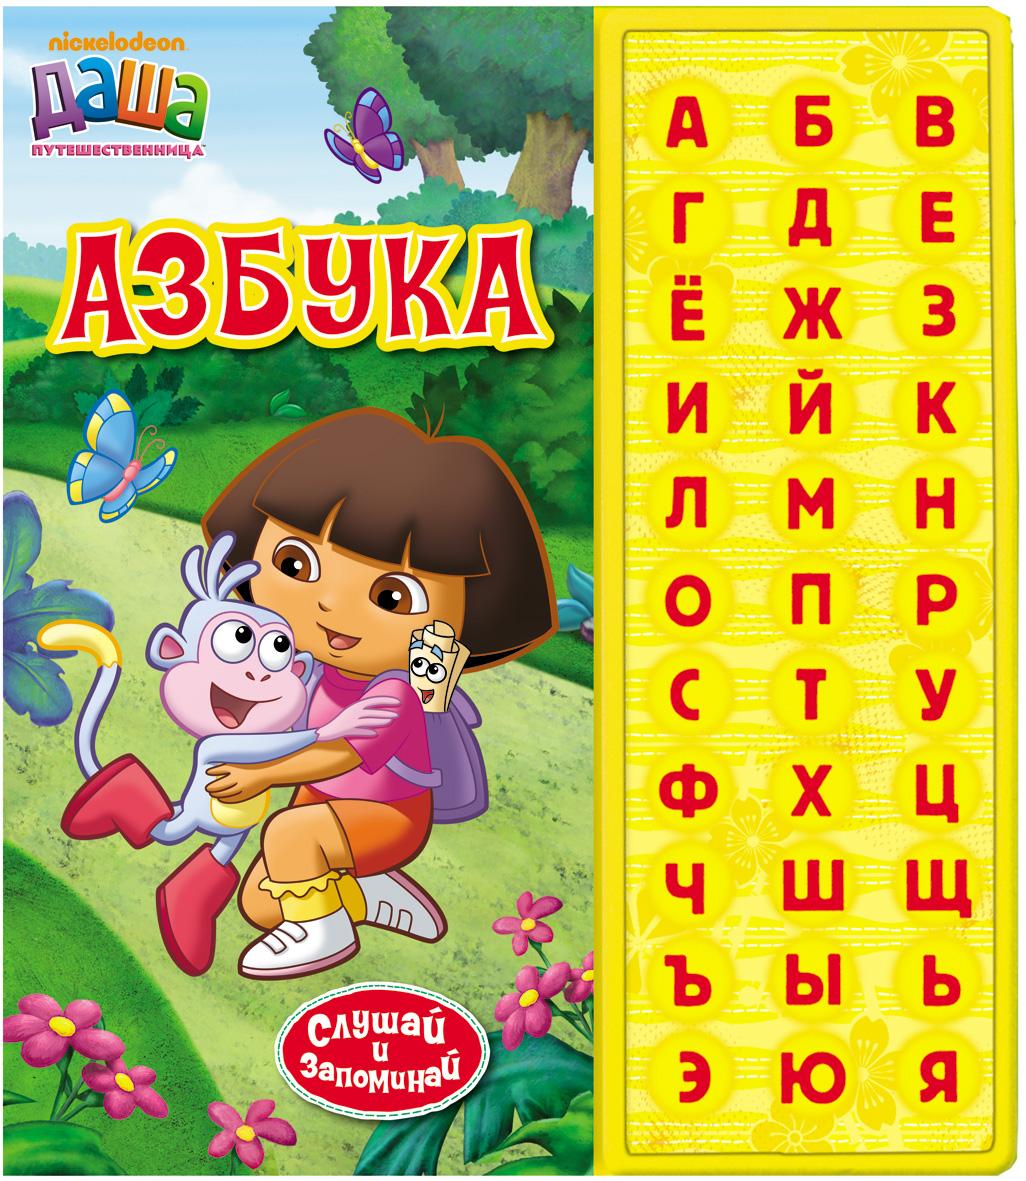 Книга-Азбука из серии Даша-путешественницаГоворящие азбуки<br>Книга-Азбука из серии Даша-путешественница<br>